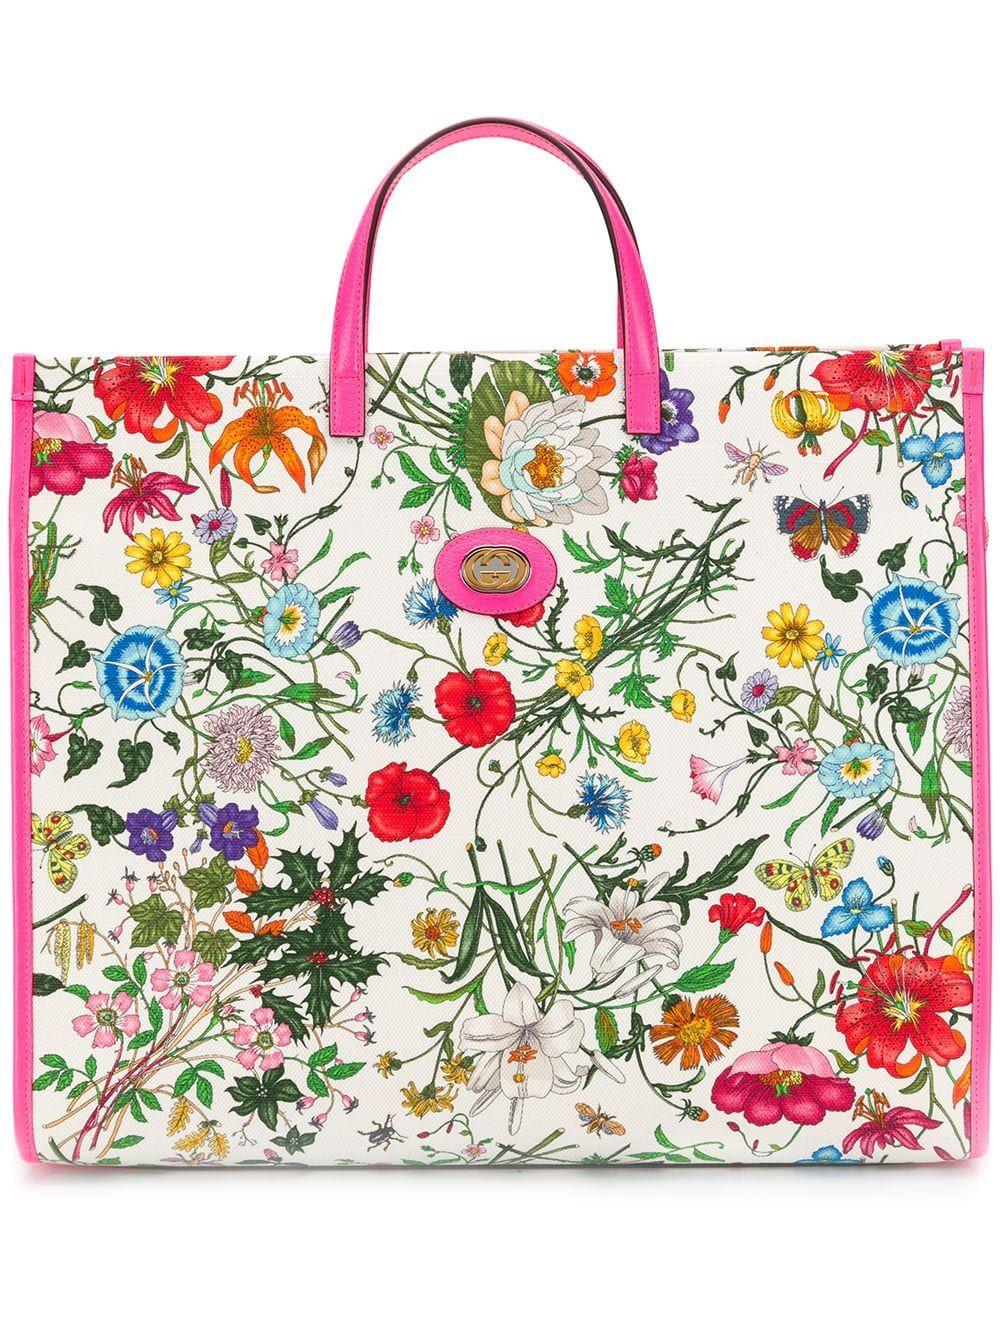 Gucci Floral Print Tote Bag Floral print tote, Printed